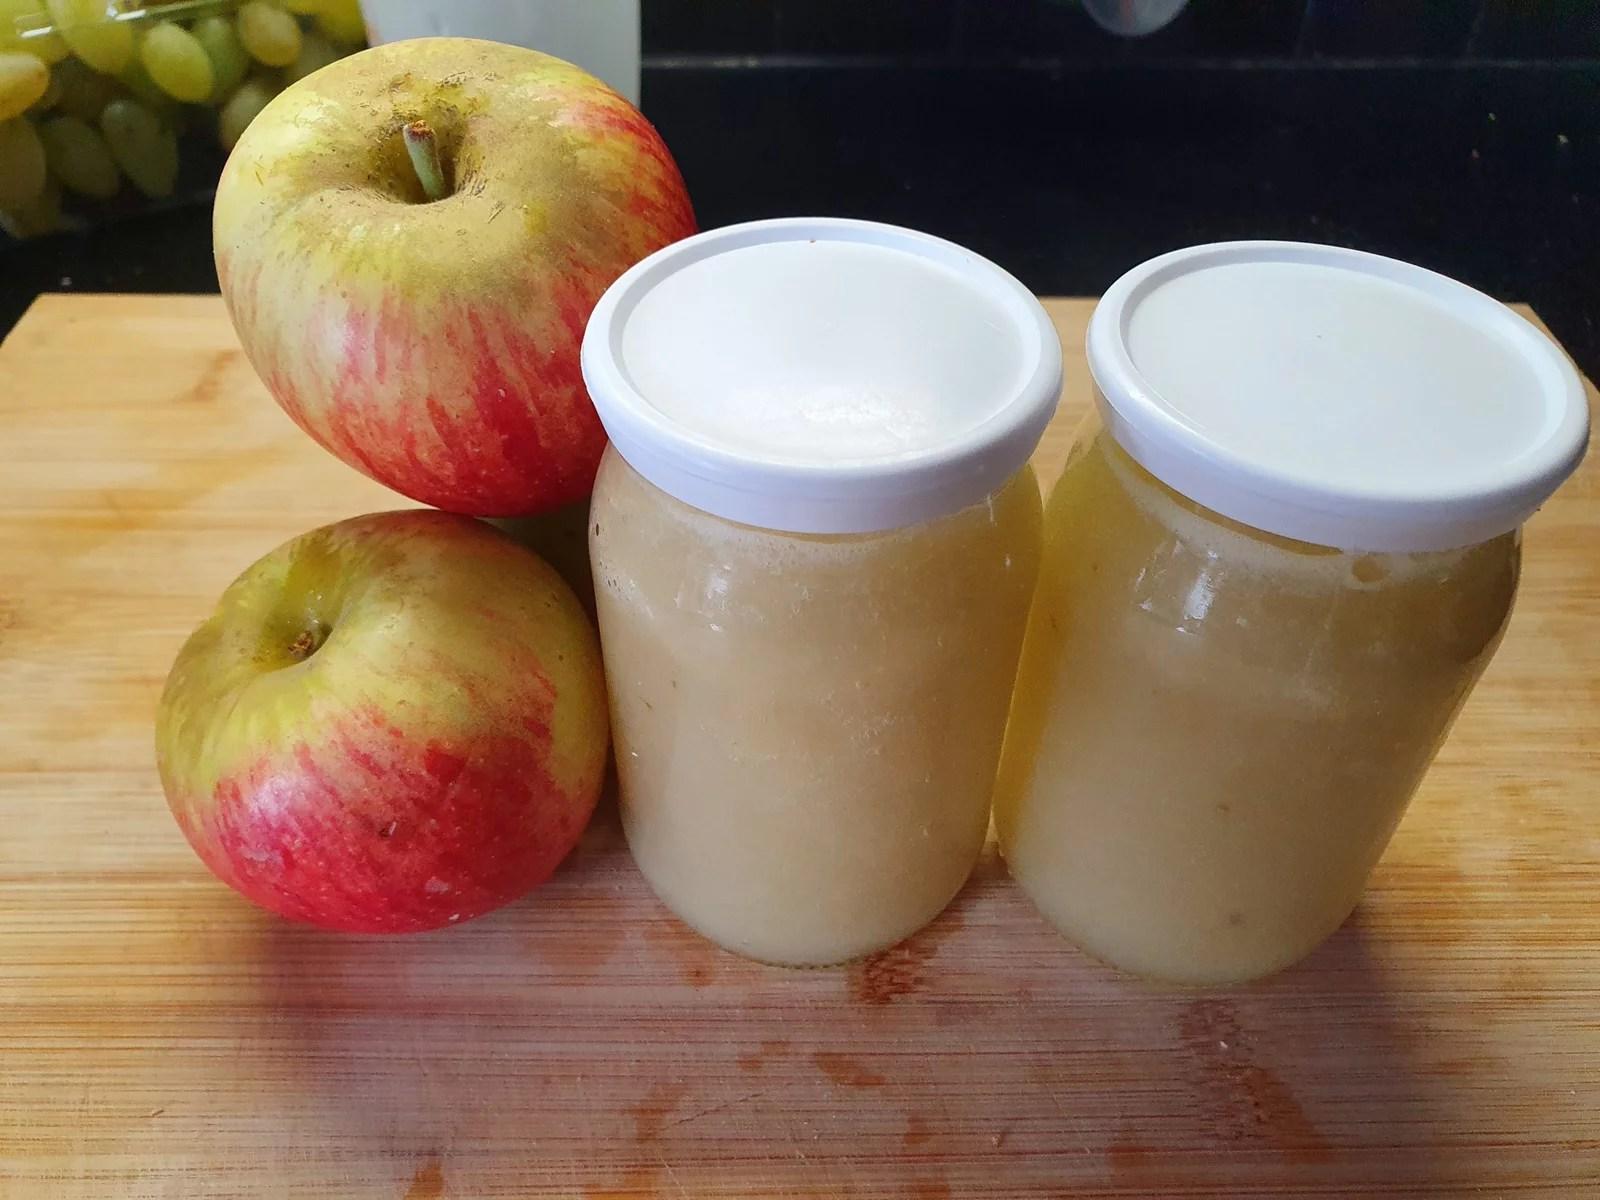 La compote de pomme, recette facile